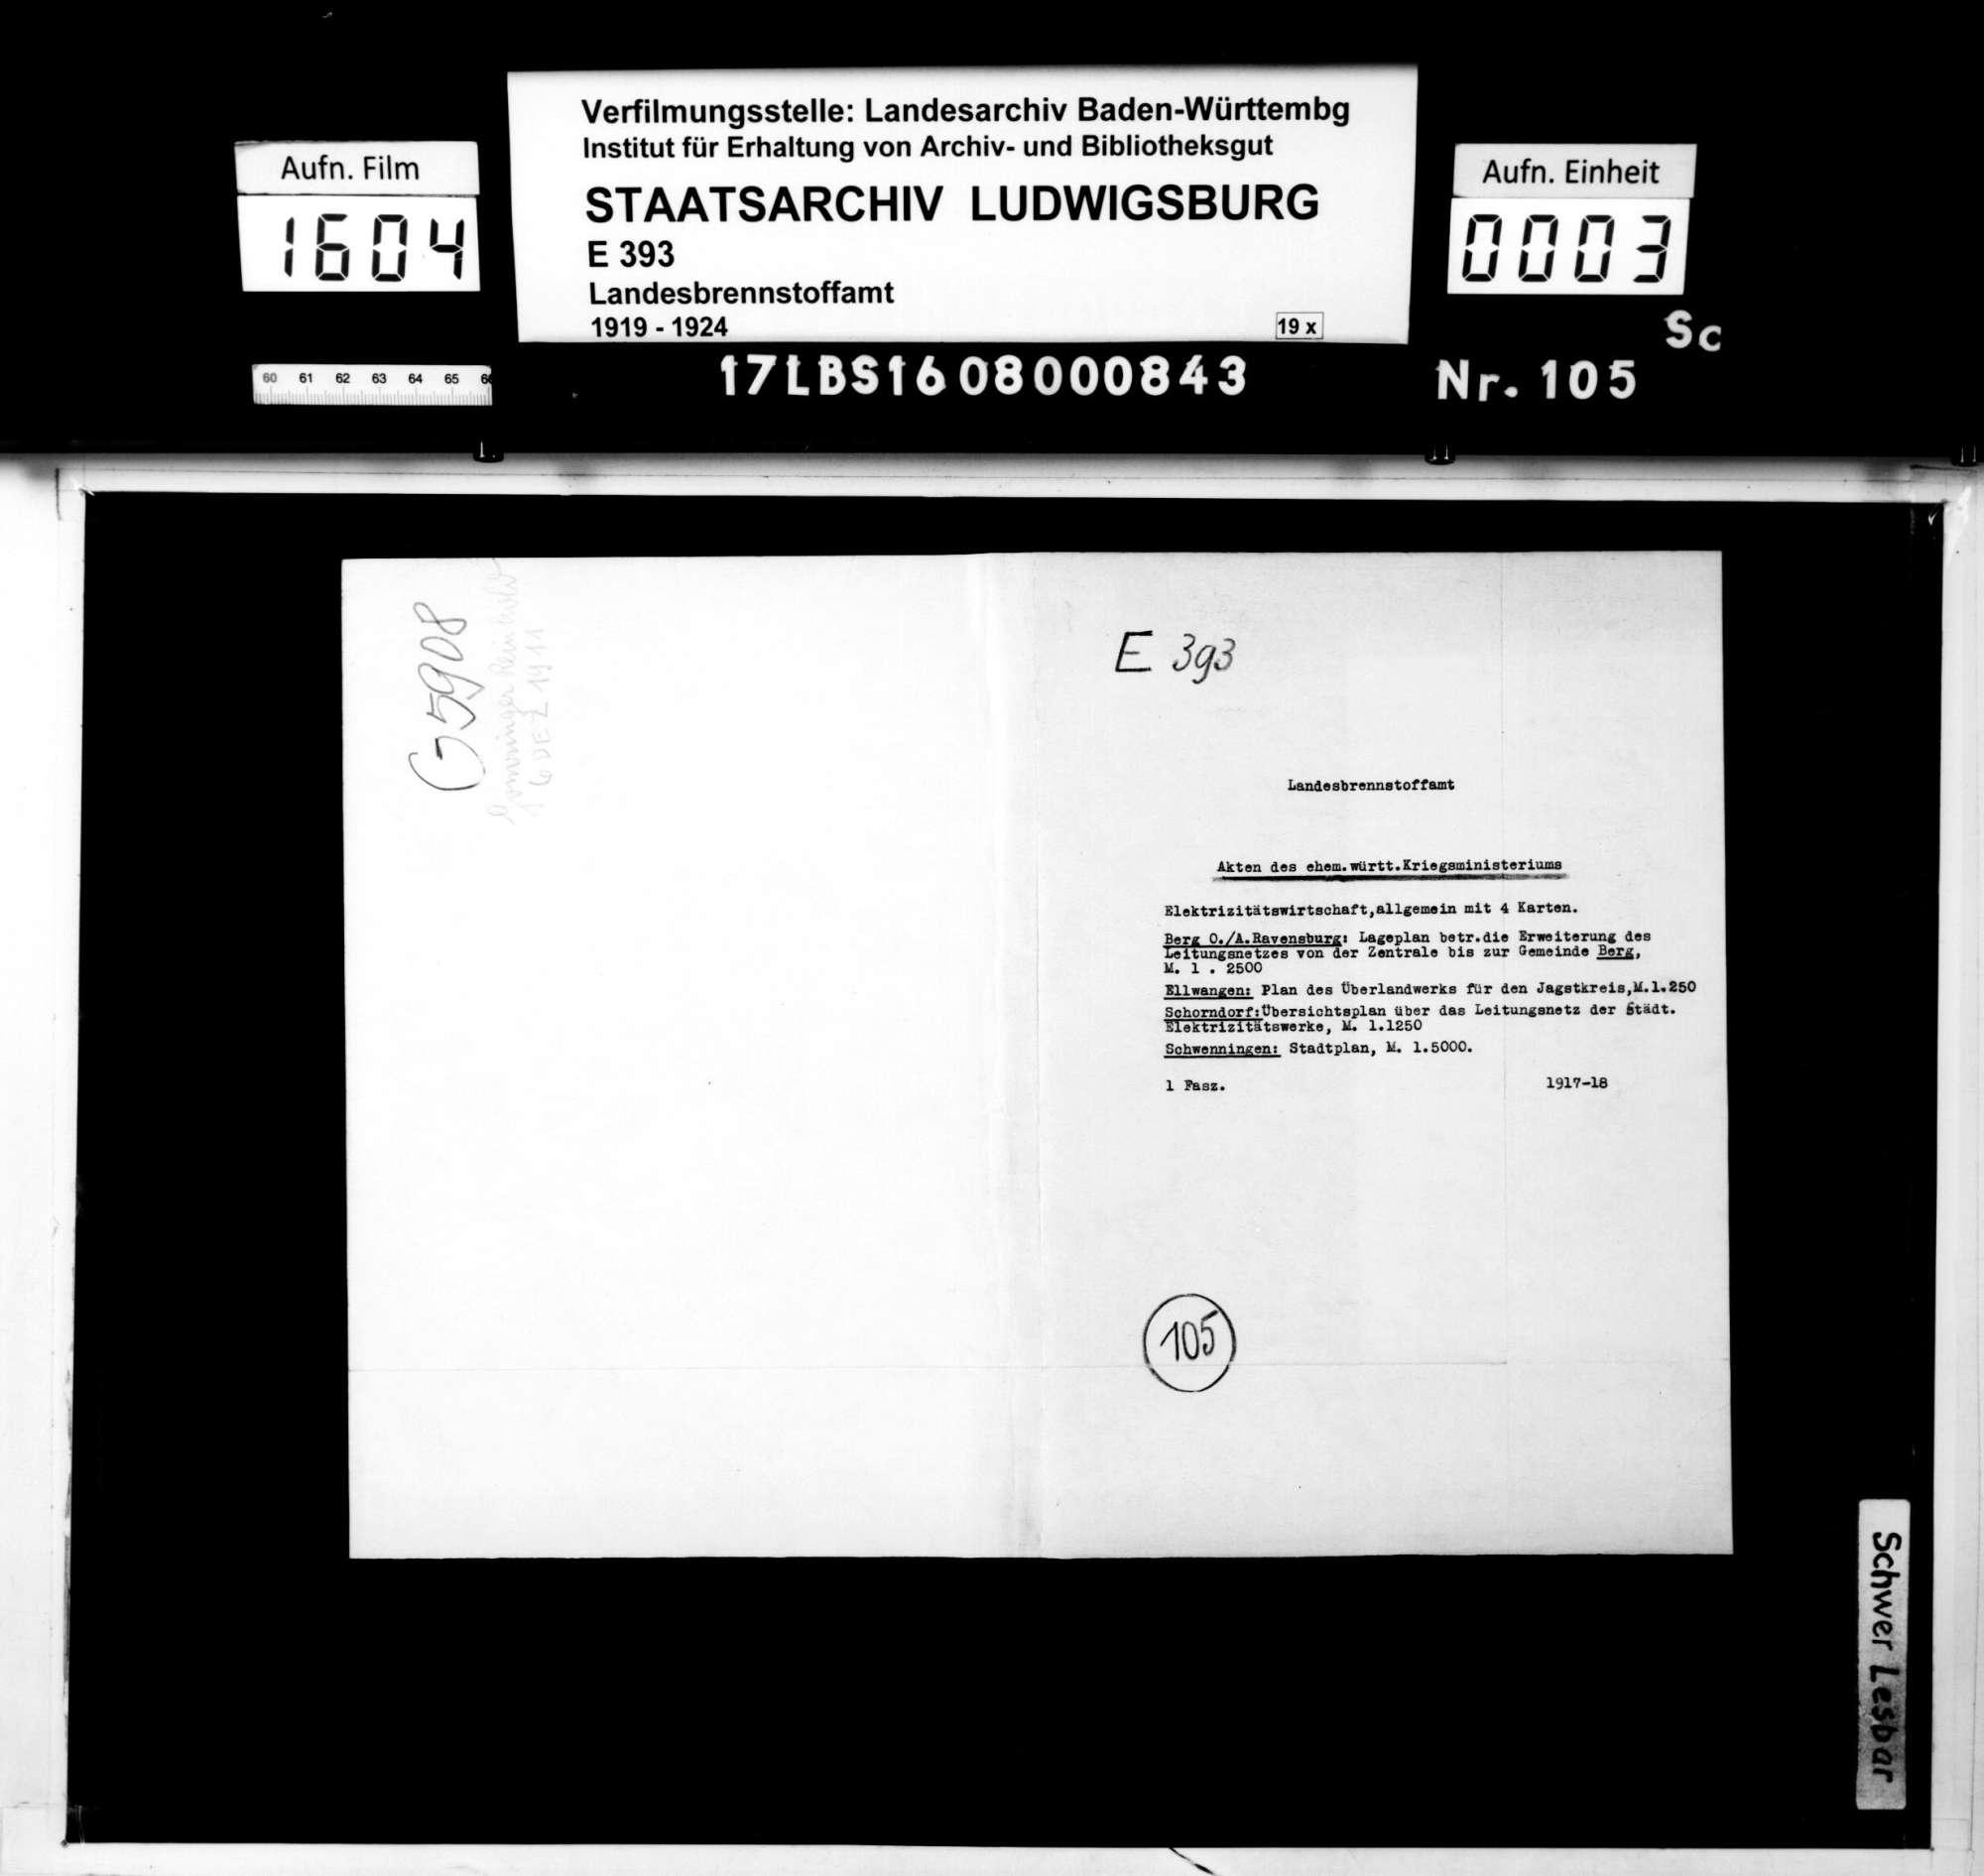 Elektrizitätswirtschaft, allgemein (mit 4 Karten); Berg O. /A. Ravensburg: Lageplan betr. die Erweiterung des Leitungsnetzes von der Zentrale bis zur Gemeinde Berg, M. 1:2500; Ellwangen: Plan des Überlandwerks für den Jagstkreis, M. 1:250; Schorndorf: Übersichtsplan über das Leitungsnetz der Städt. Elektrizitätswerke, M. 1:1250; Schwenningen: Stadtplan, M. 1:5000, Bild 1